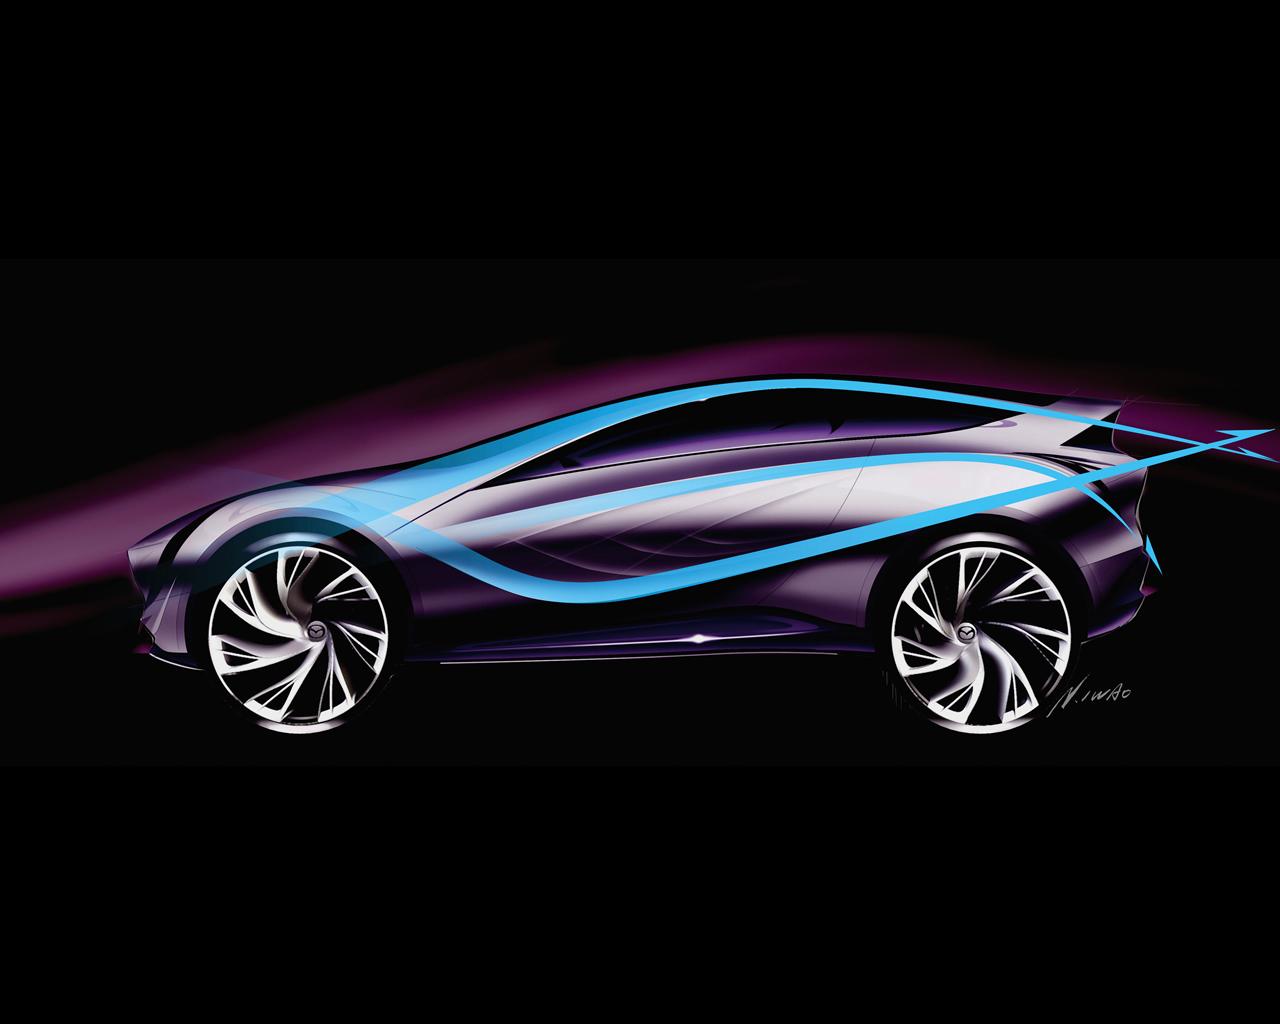 http://autoconcept-reviews.com/cars_reviews/mazda/mazda-kazamai-concept-2008/wallpaper/19.jpg